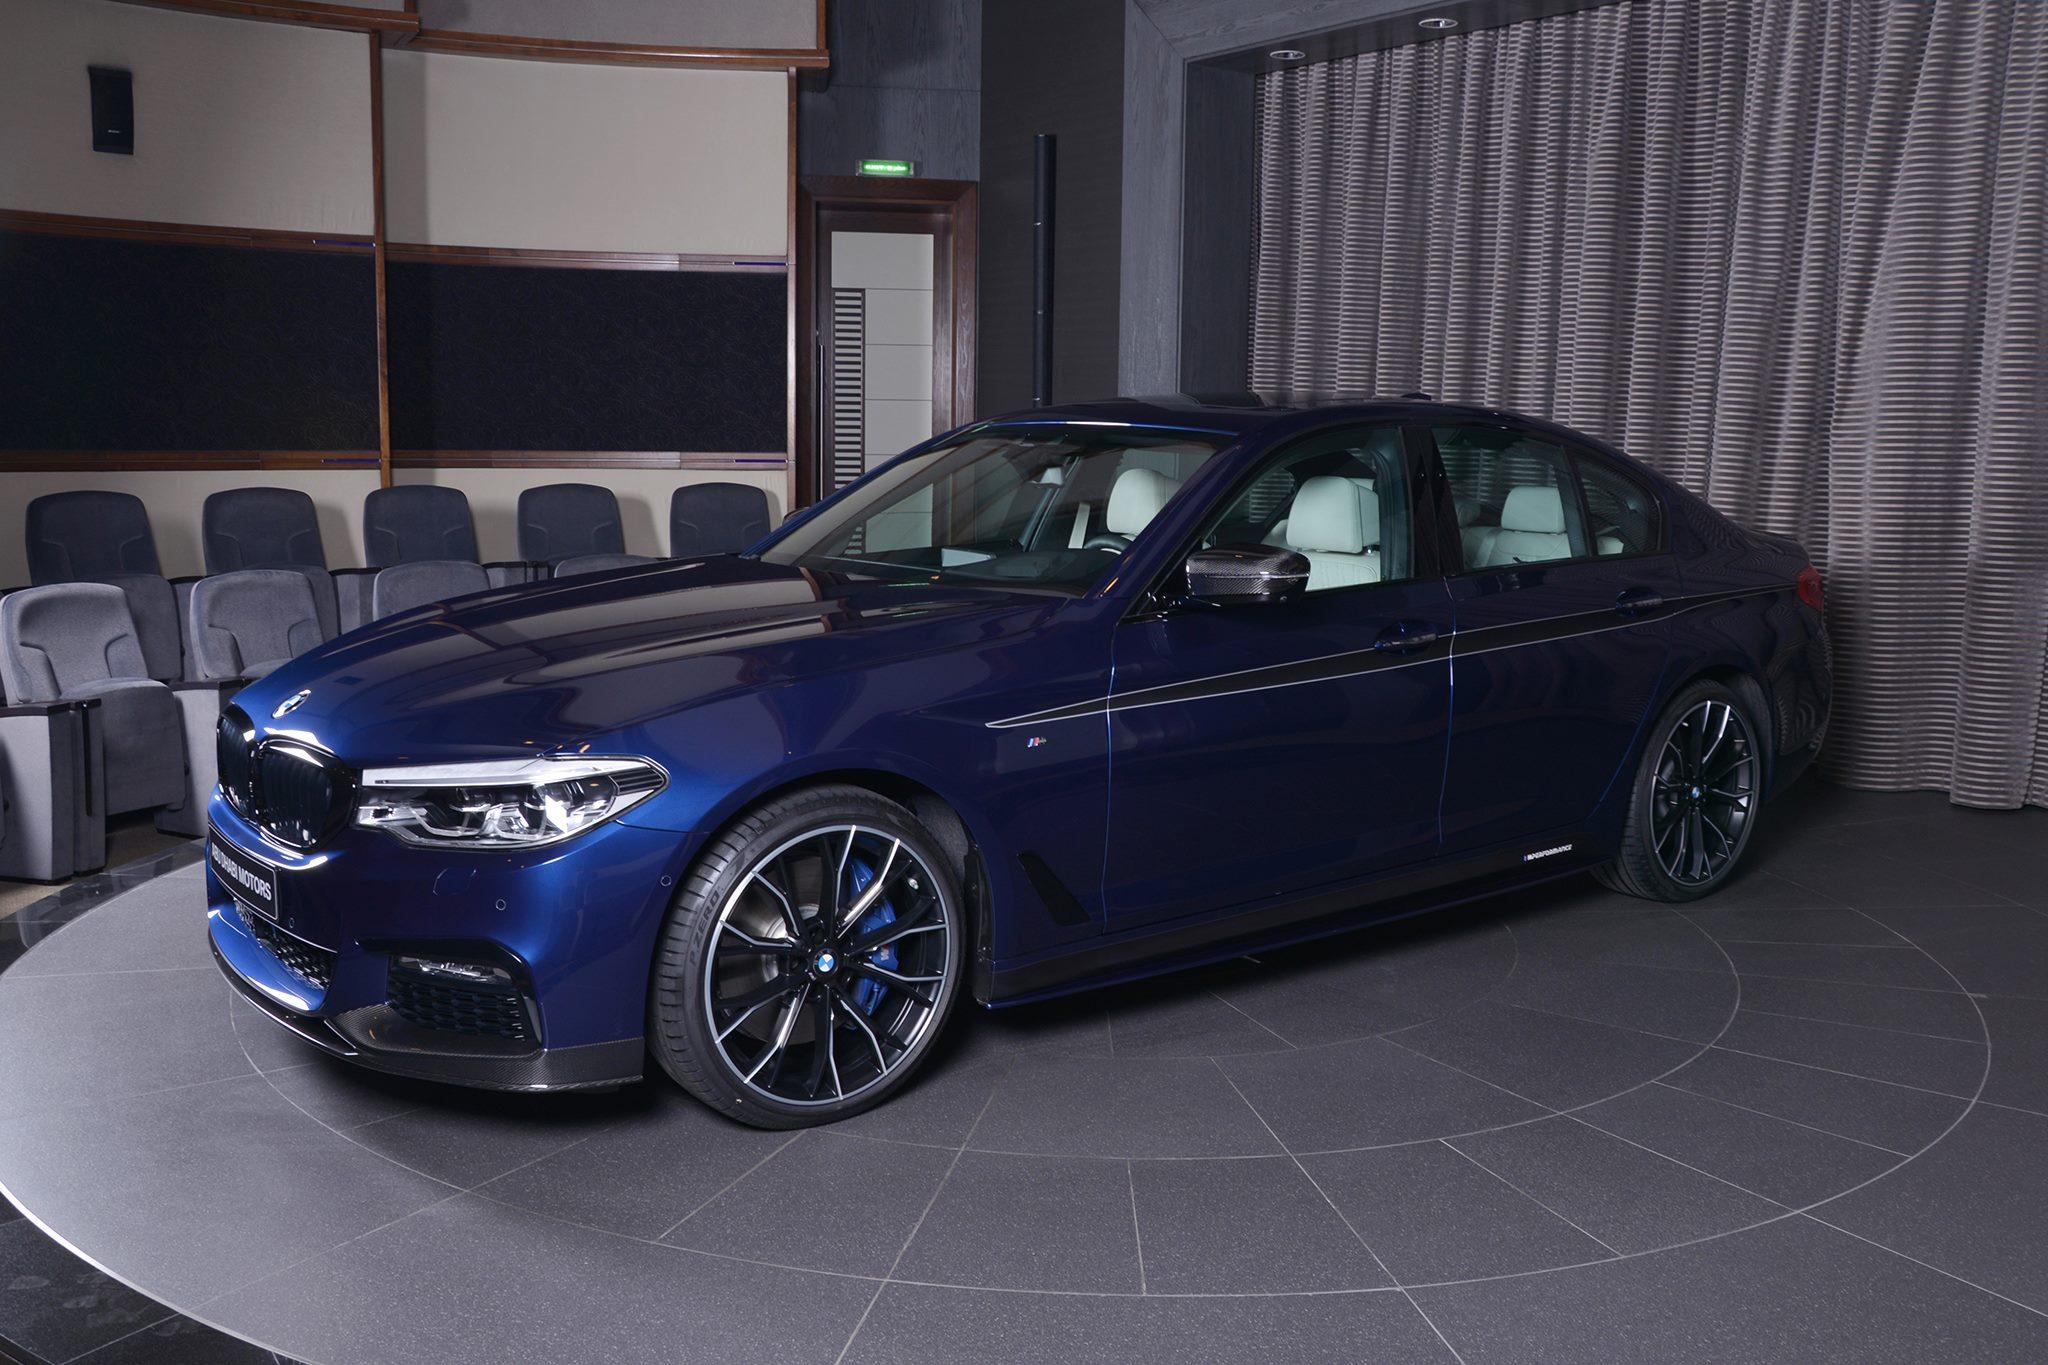 BMW 5er G30 M Performance Tuning Mediterranblau Abu Dhabi 03